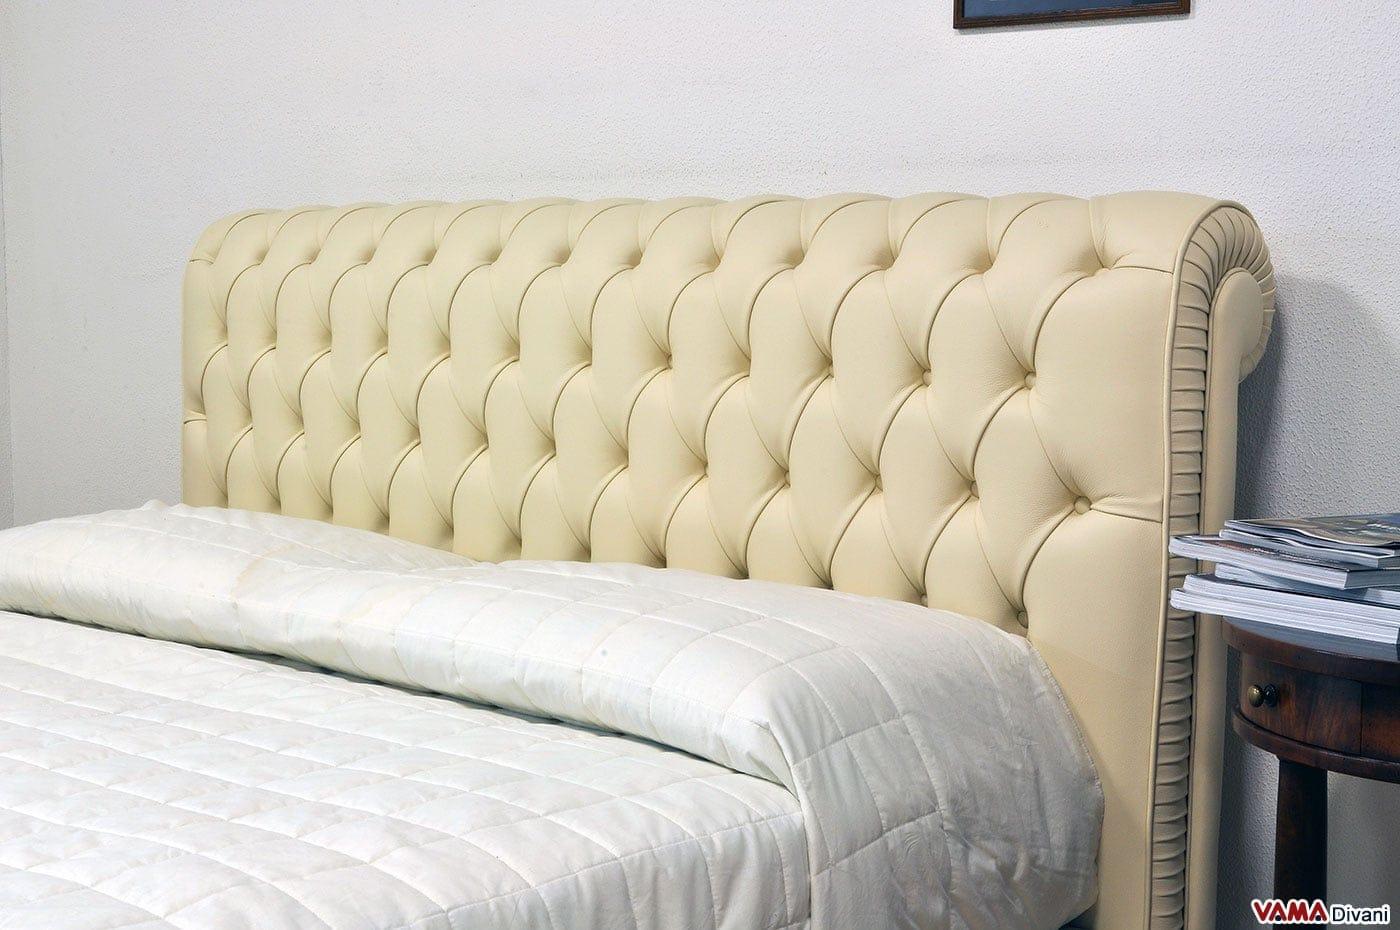 Prezzi offerte letto stile barocco - Testate letto in ferro battuto prezzi ...